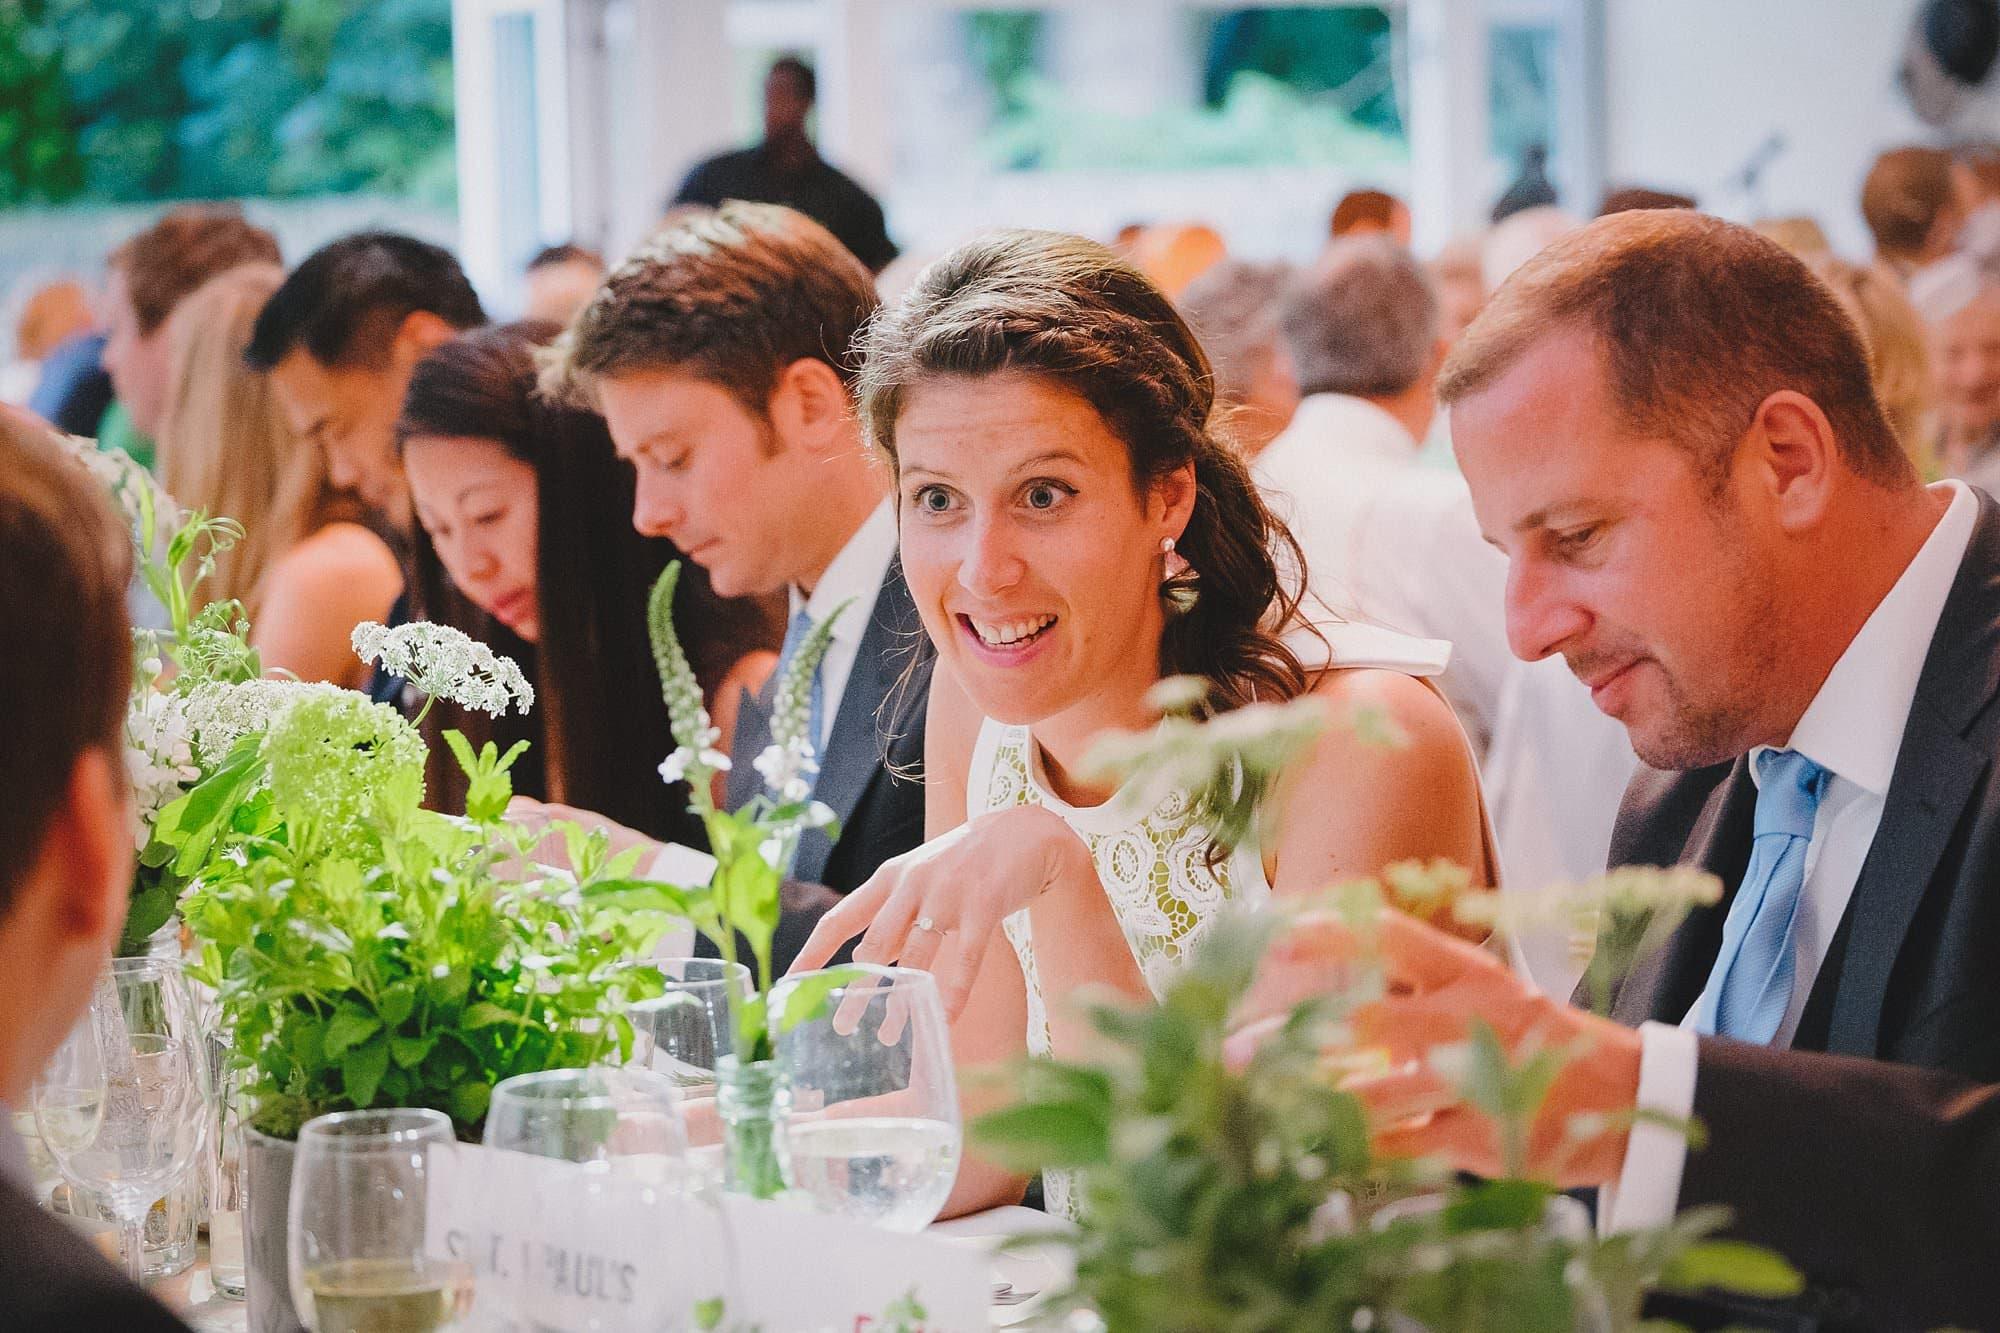 fulham palace wedding photographer 066 - Rosanna & Duncan's Fulham Palace Wedding